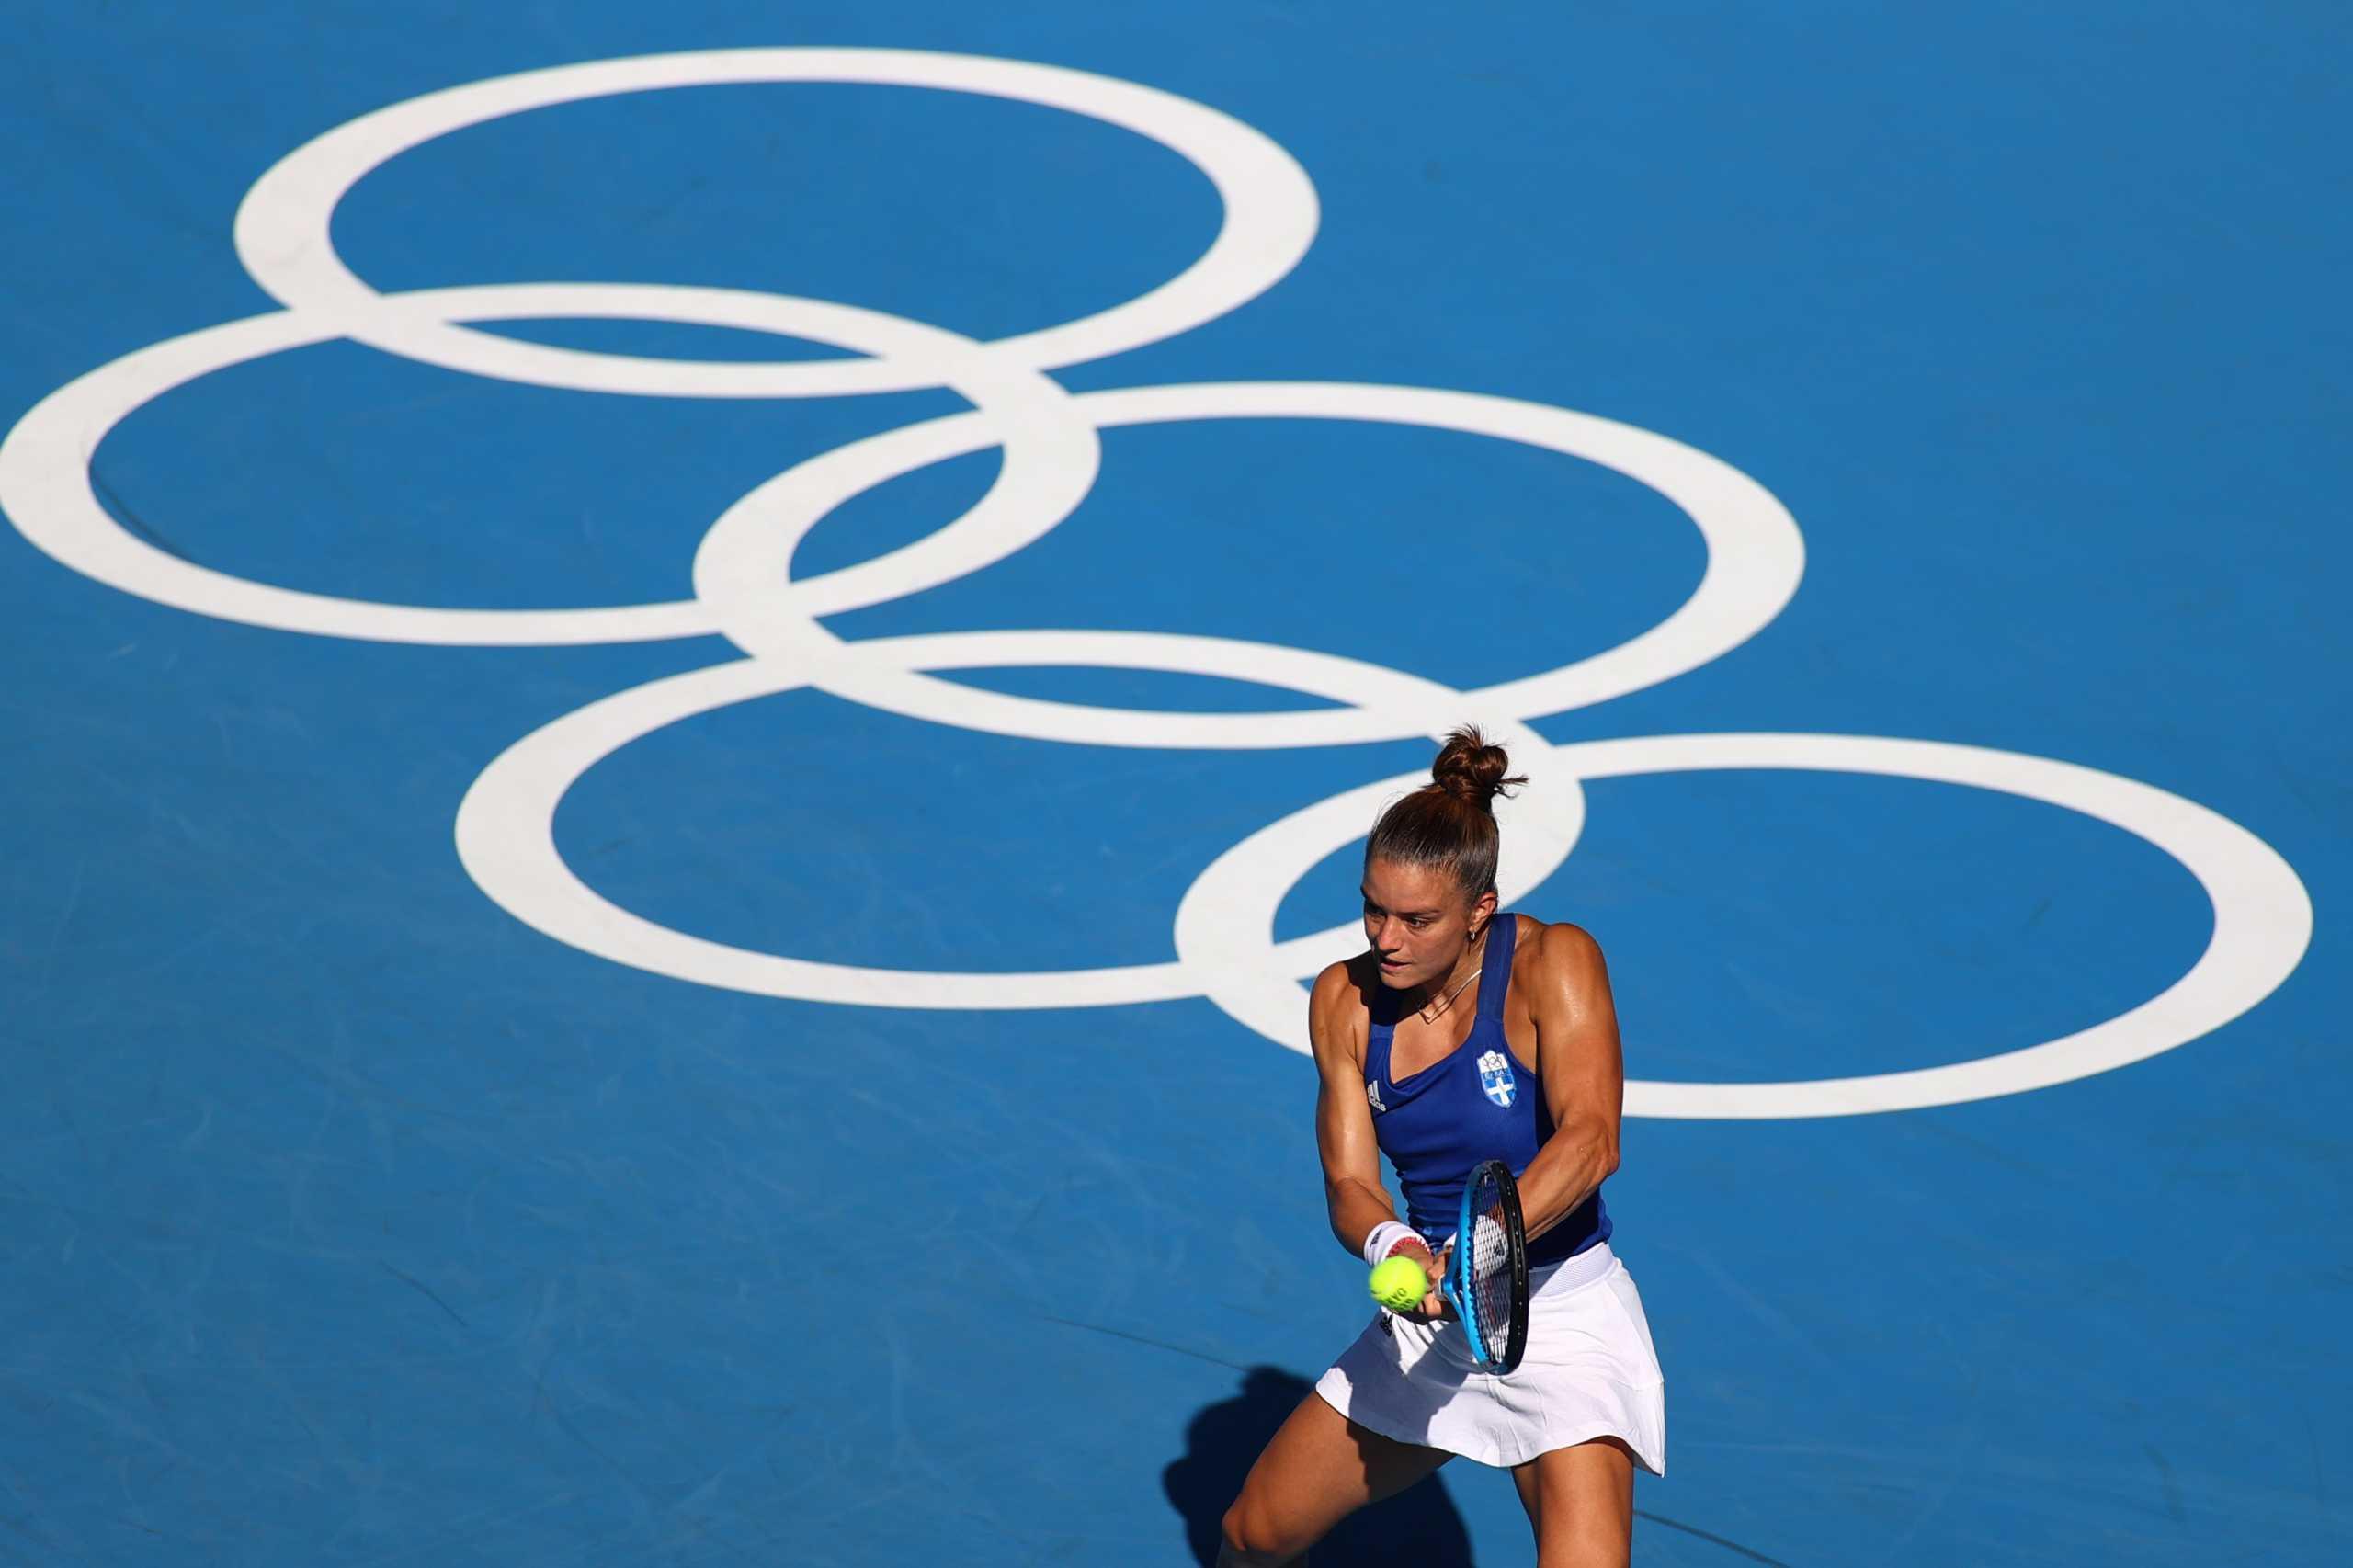 Ολυμπιακοί Αγώνες, Μαρία Σάκκαρη – Ελίνα Σβιτολίνα 1-2 ΤΕΛΙΚΟ